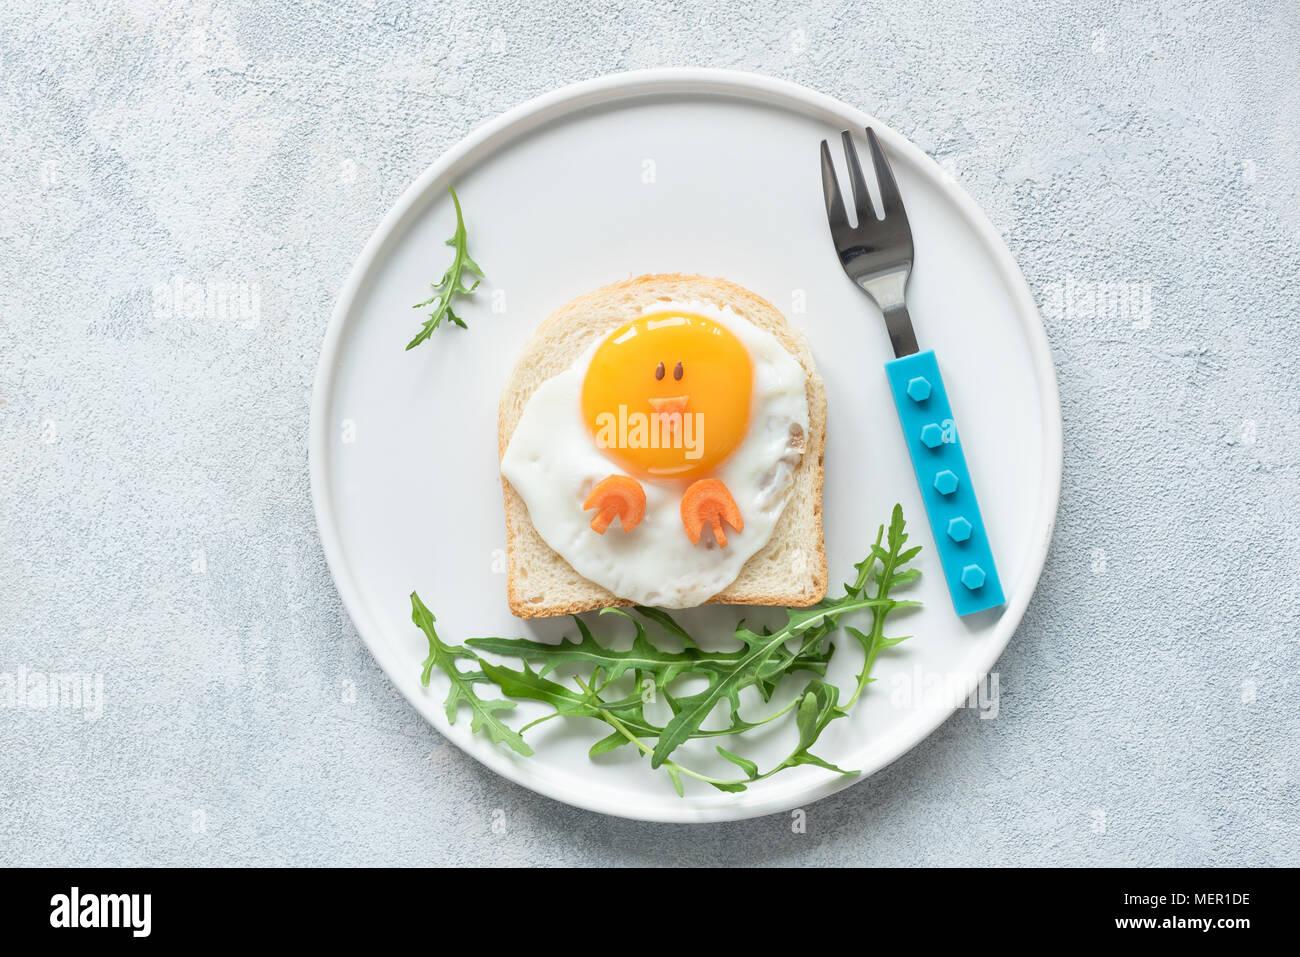 Sándwich de pollo el arte de alimentos para niños. Cute sandwich de huevo con forma de pollo en la placa blanca. Vista superior Imagen De Stock